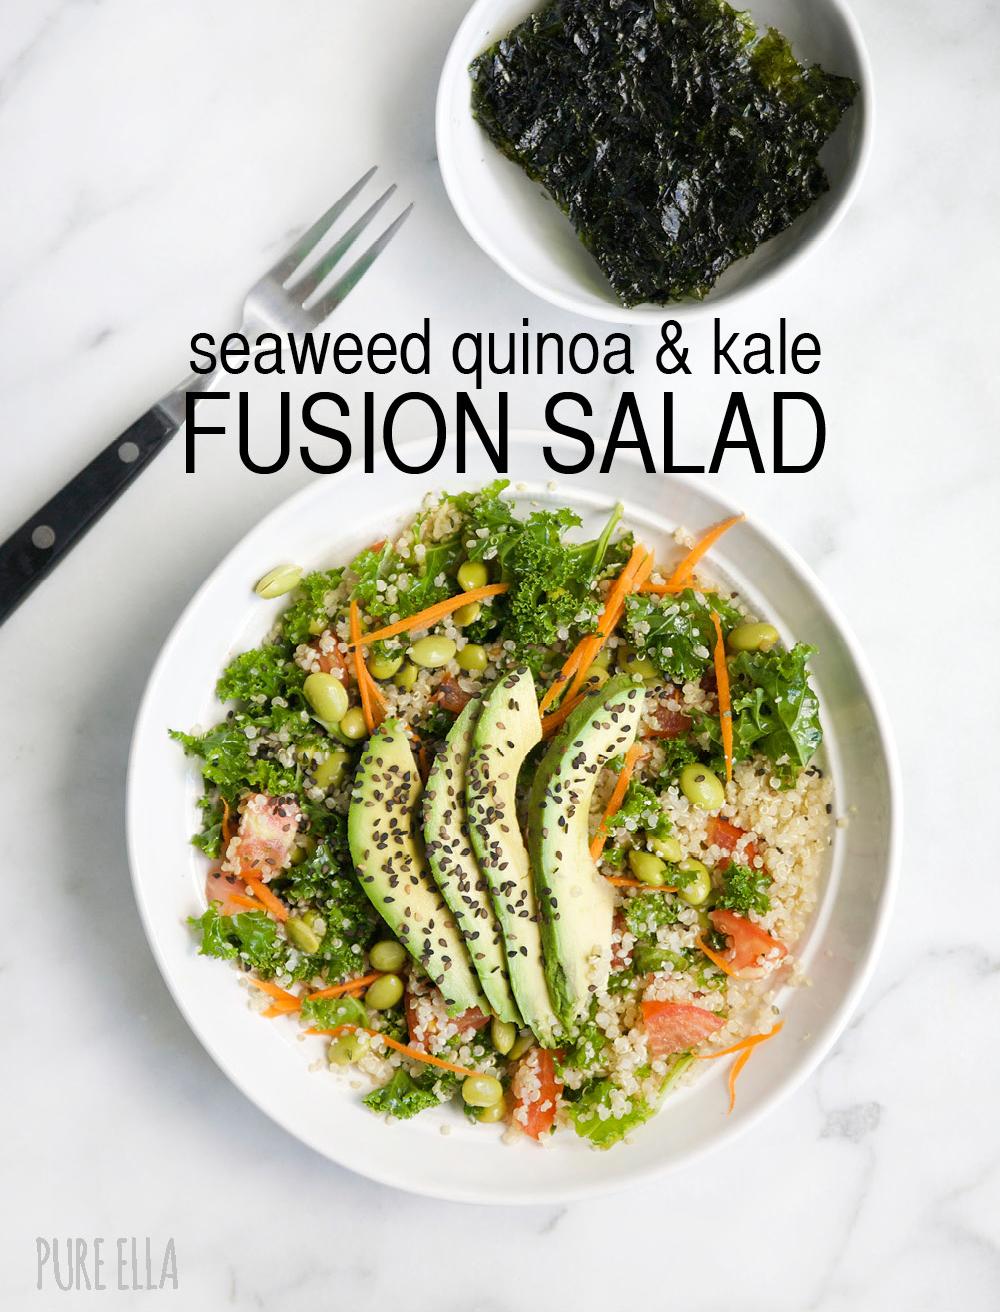 Pure-Ella-Seaweed-Quinoa-Kale-Fusion-Salad